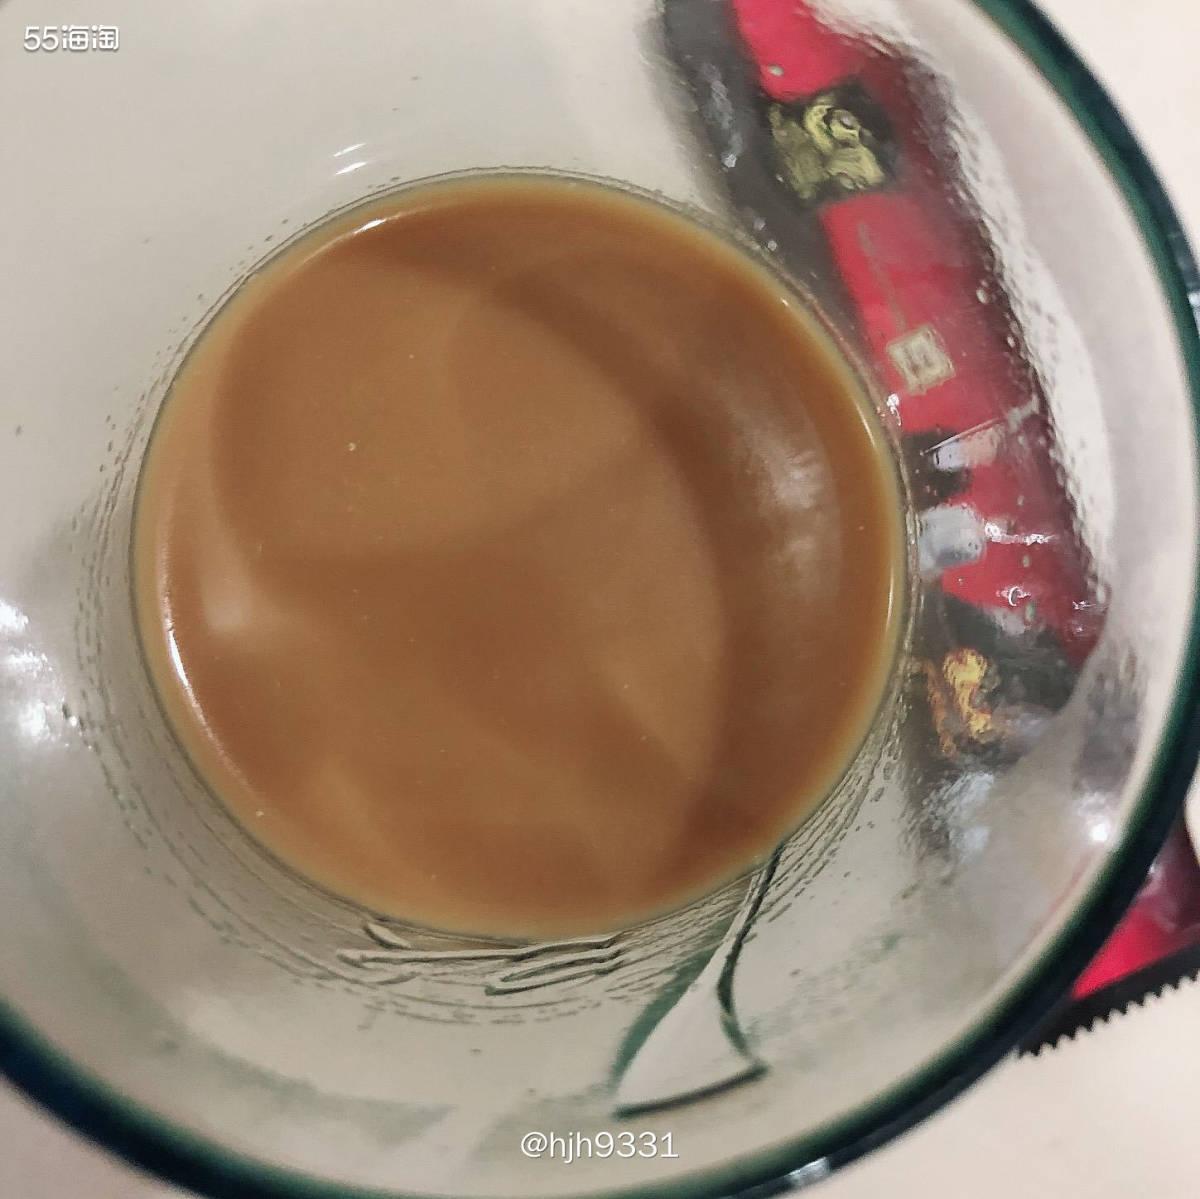 保暖神器推荐——咖啡 ✨✨✨ 💥每天早上起来,给家人弄完早